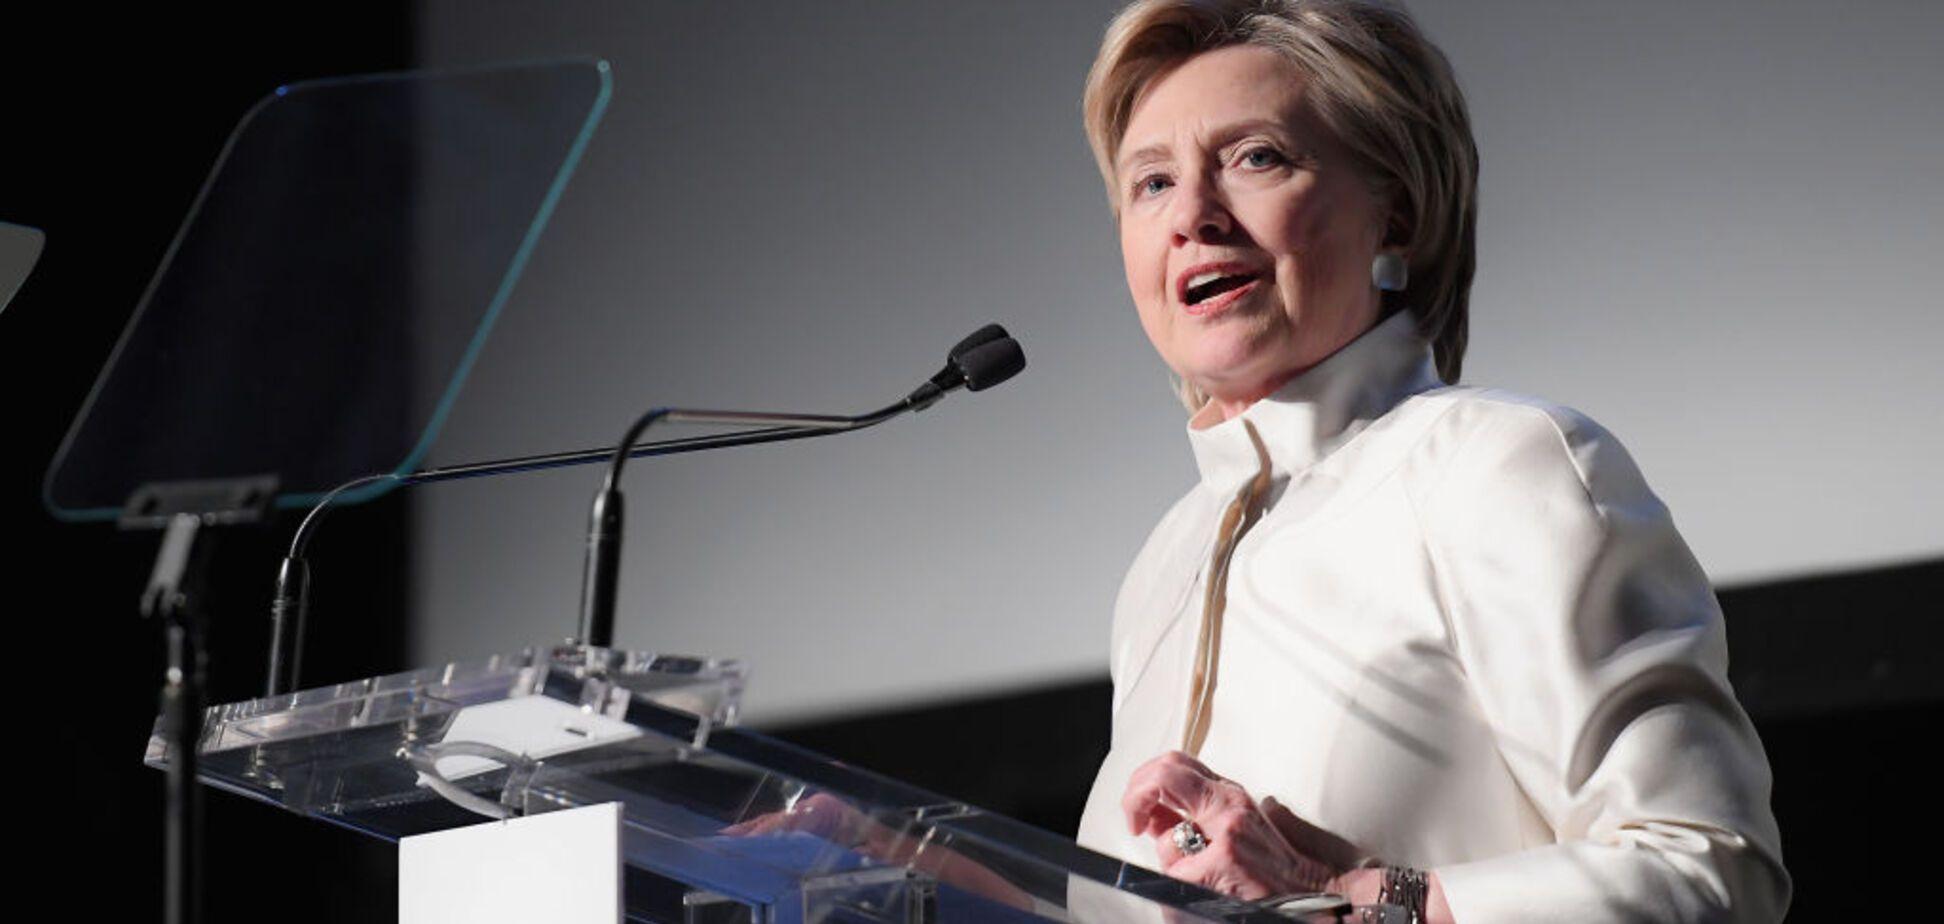 'Не сомневаюсь': Клинтон обвинила Путина в помощи Трампу во время выборов